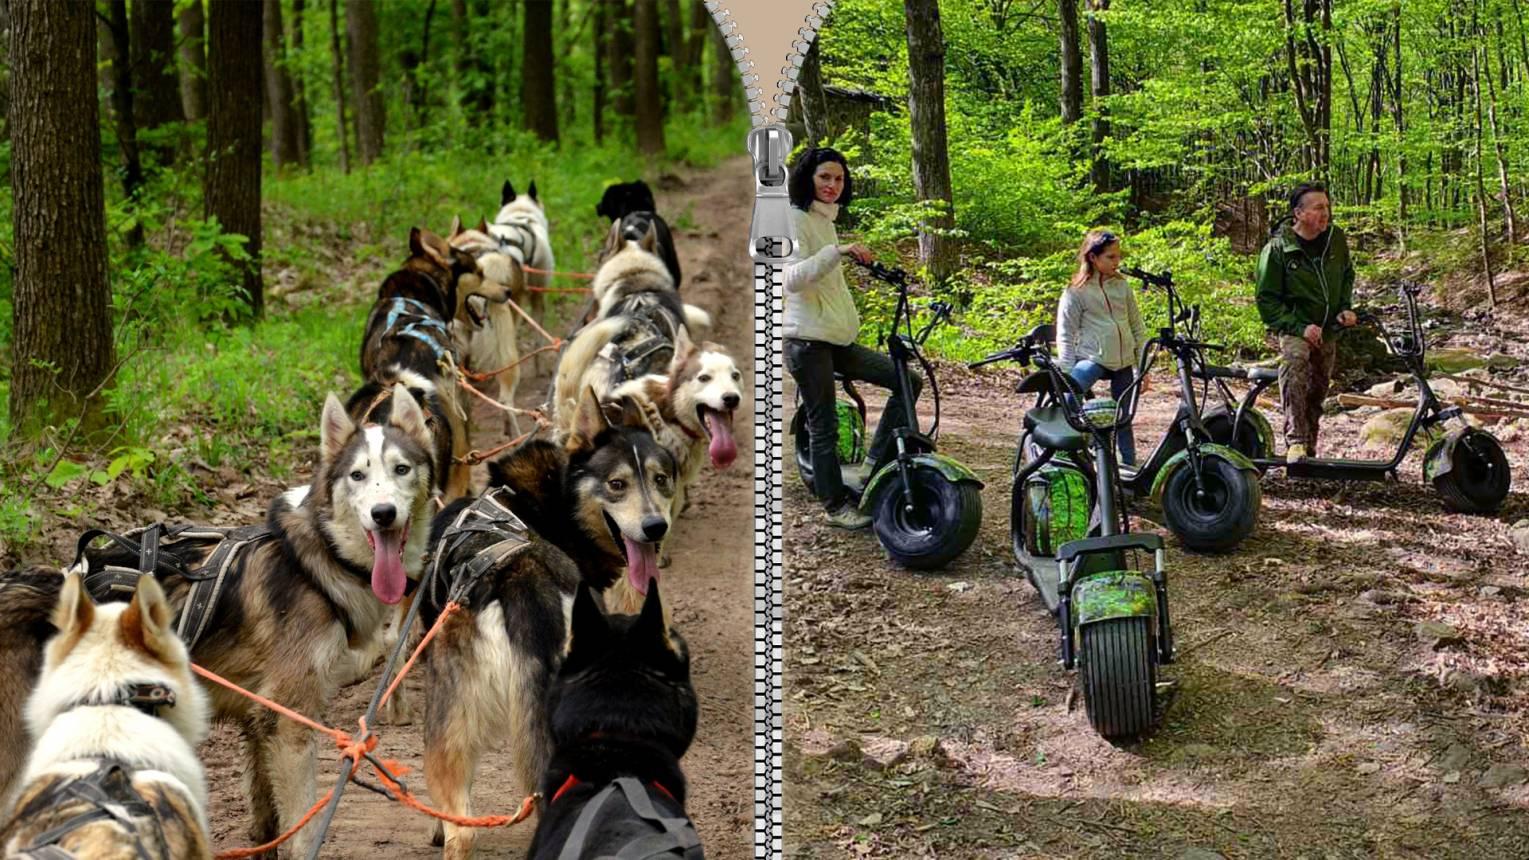 Standard Husky kutyafogat túra és utána E-scooter kalandozás a Mátrában